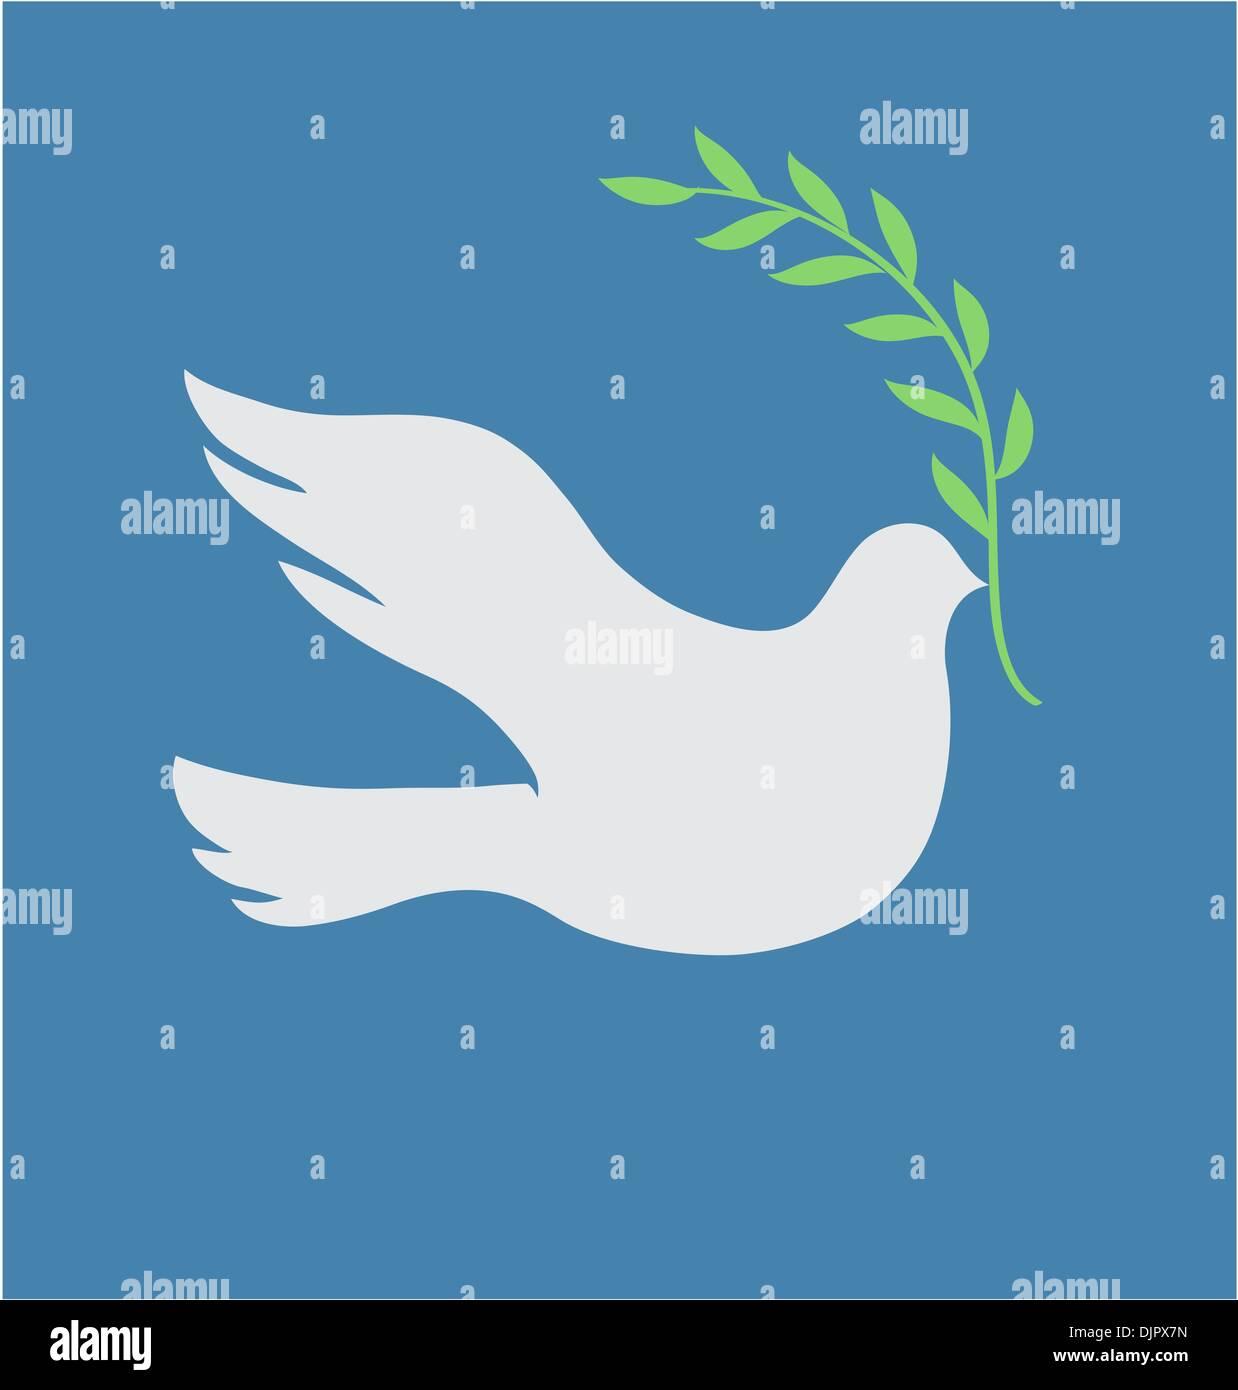 Vektor-Illustration Konzept der schöne weiße Taube im Flug mit einem Olivenzweig Stock Vektor